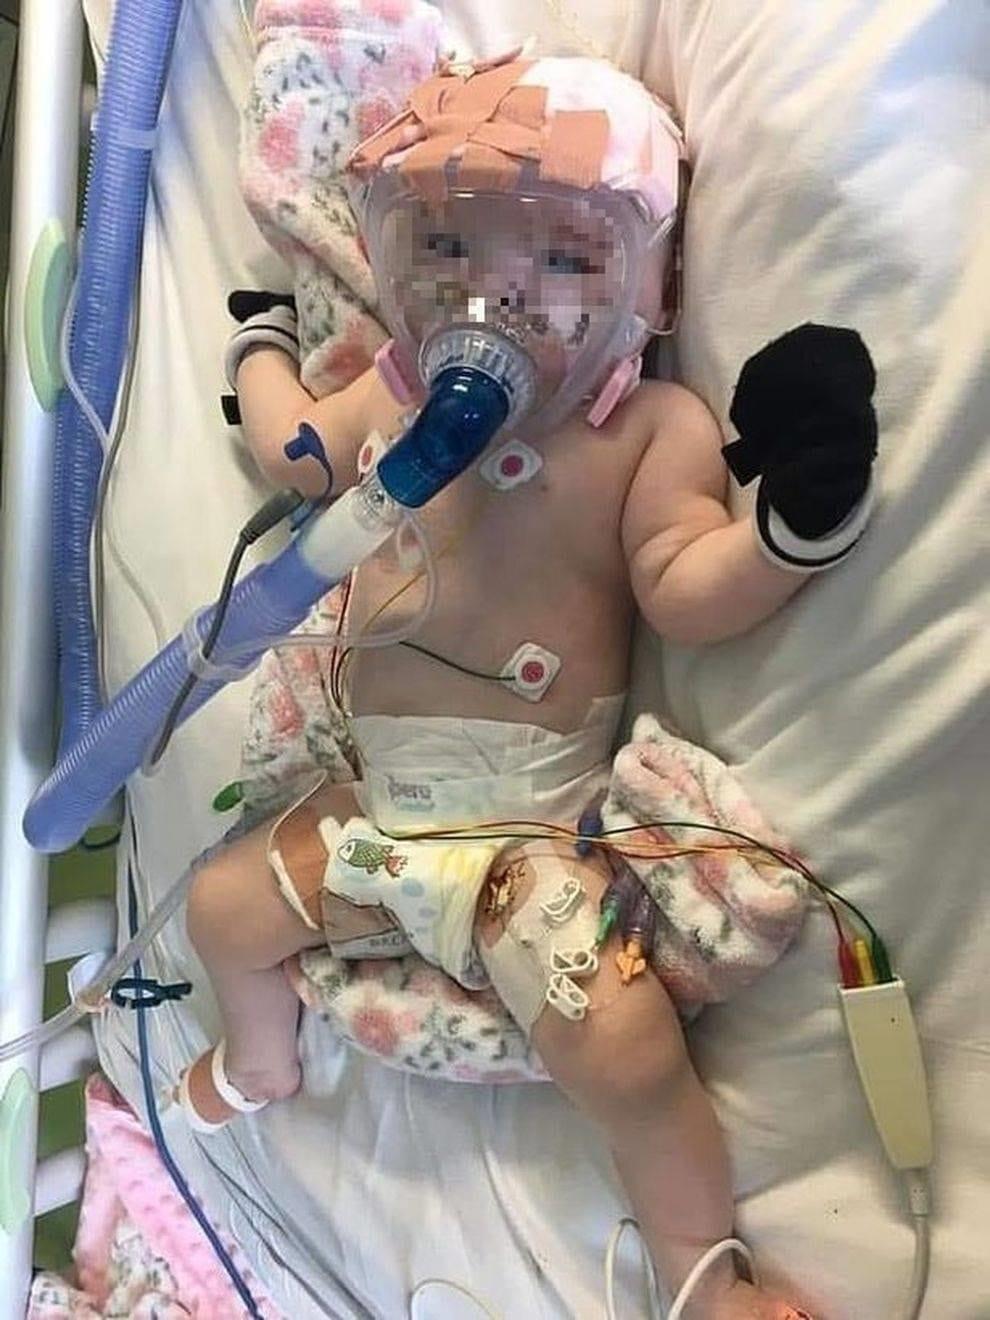 Coronavirus in ospedale dopo l'intervento a cuore aperto, bimba di 6 mesi attaccata al respiratore lotta per la vita